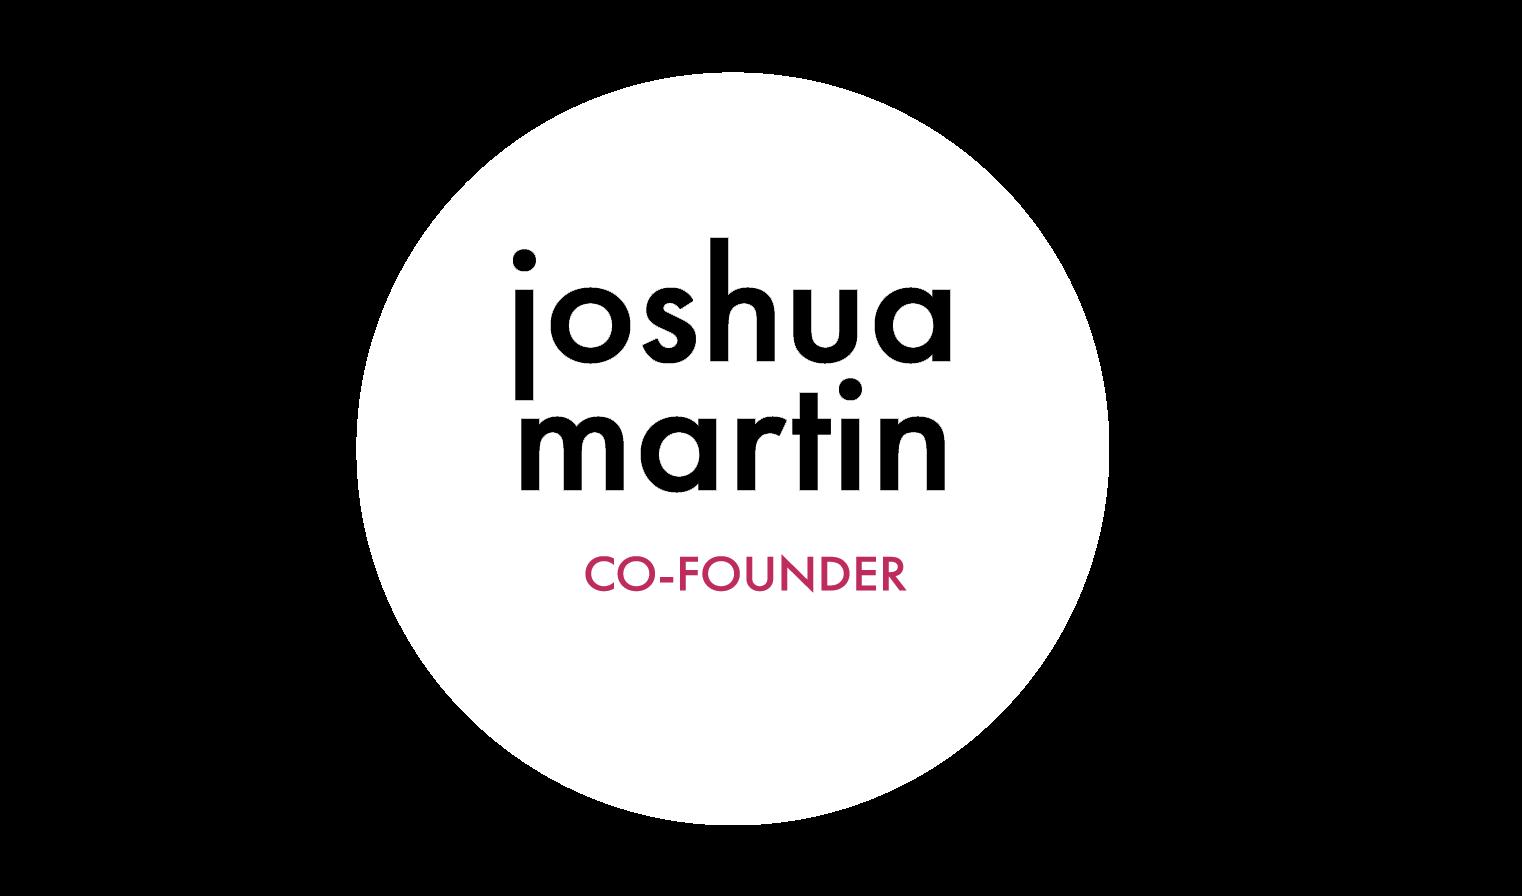 Joshua-martin-white.png